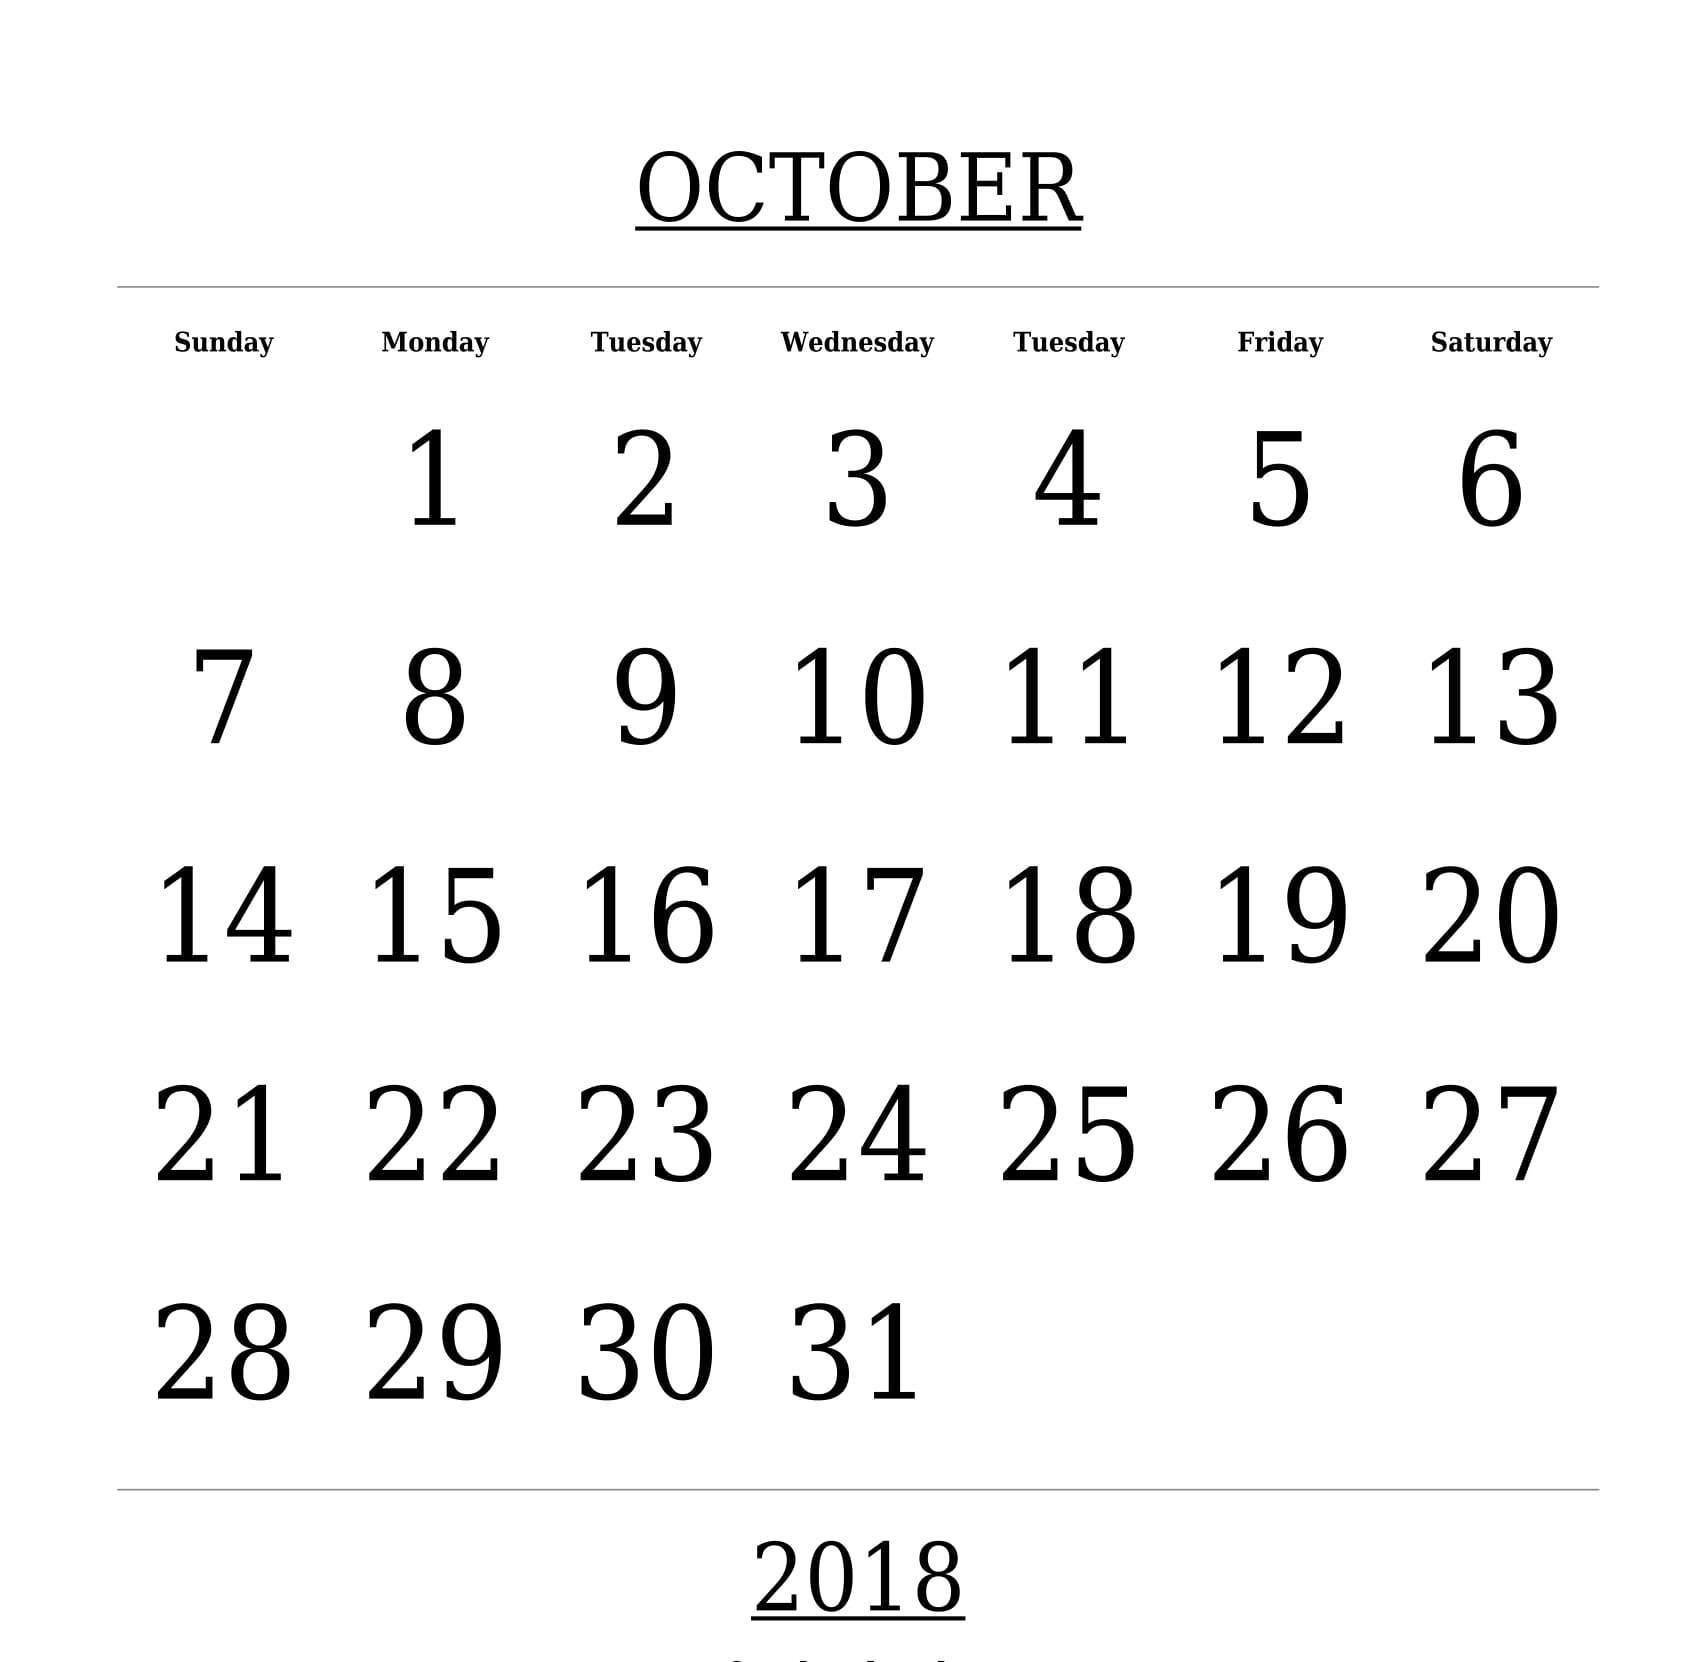 Printable October 2018 Calendar